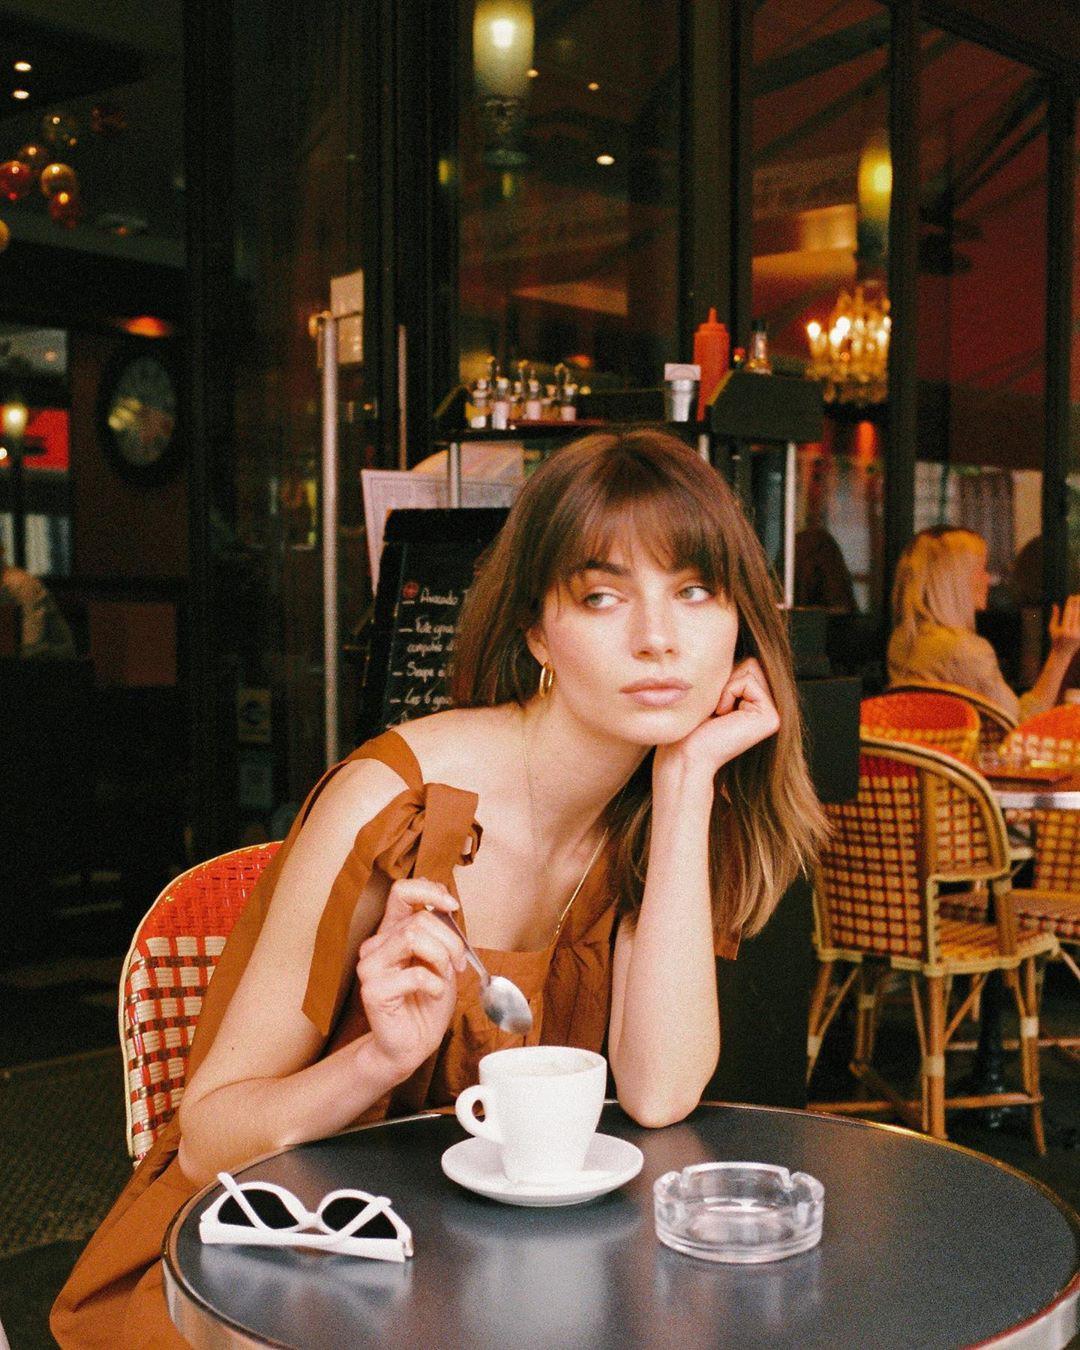 4 kiểu tóc ruột của phụ nữ Pháp: Đơn giản đến lộn xộn mà sao vẫn sang chảnh đến thế! - Hình 10